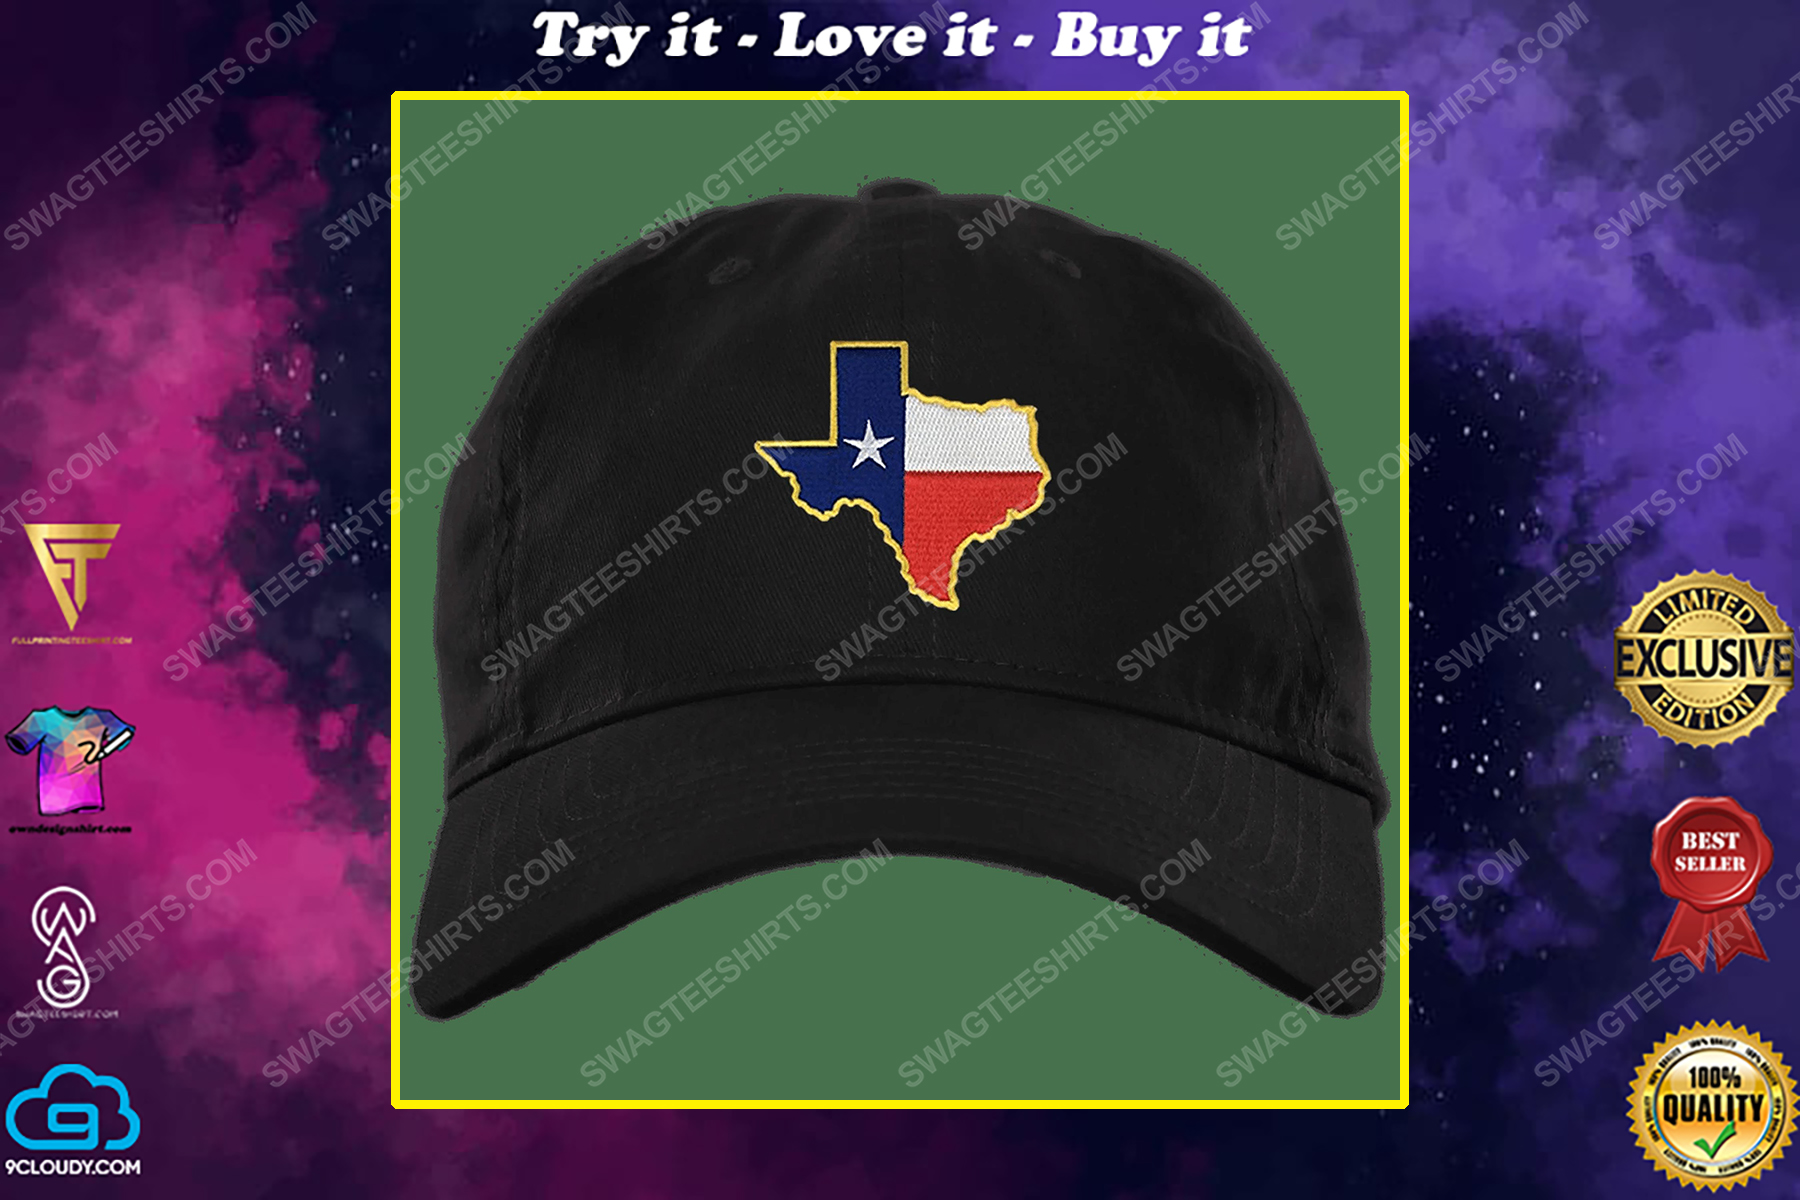 Vintage state of texas texas flag cap